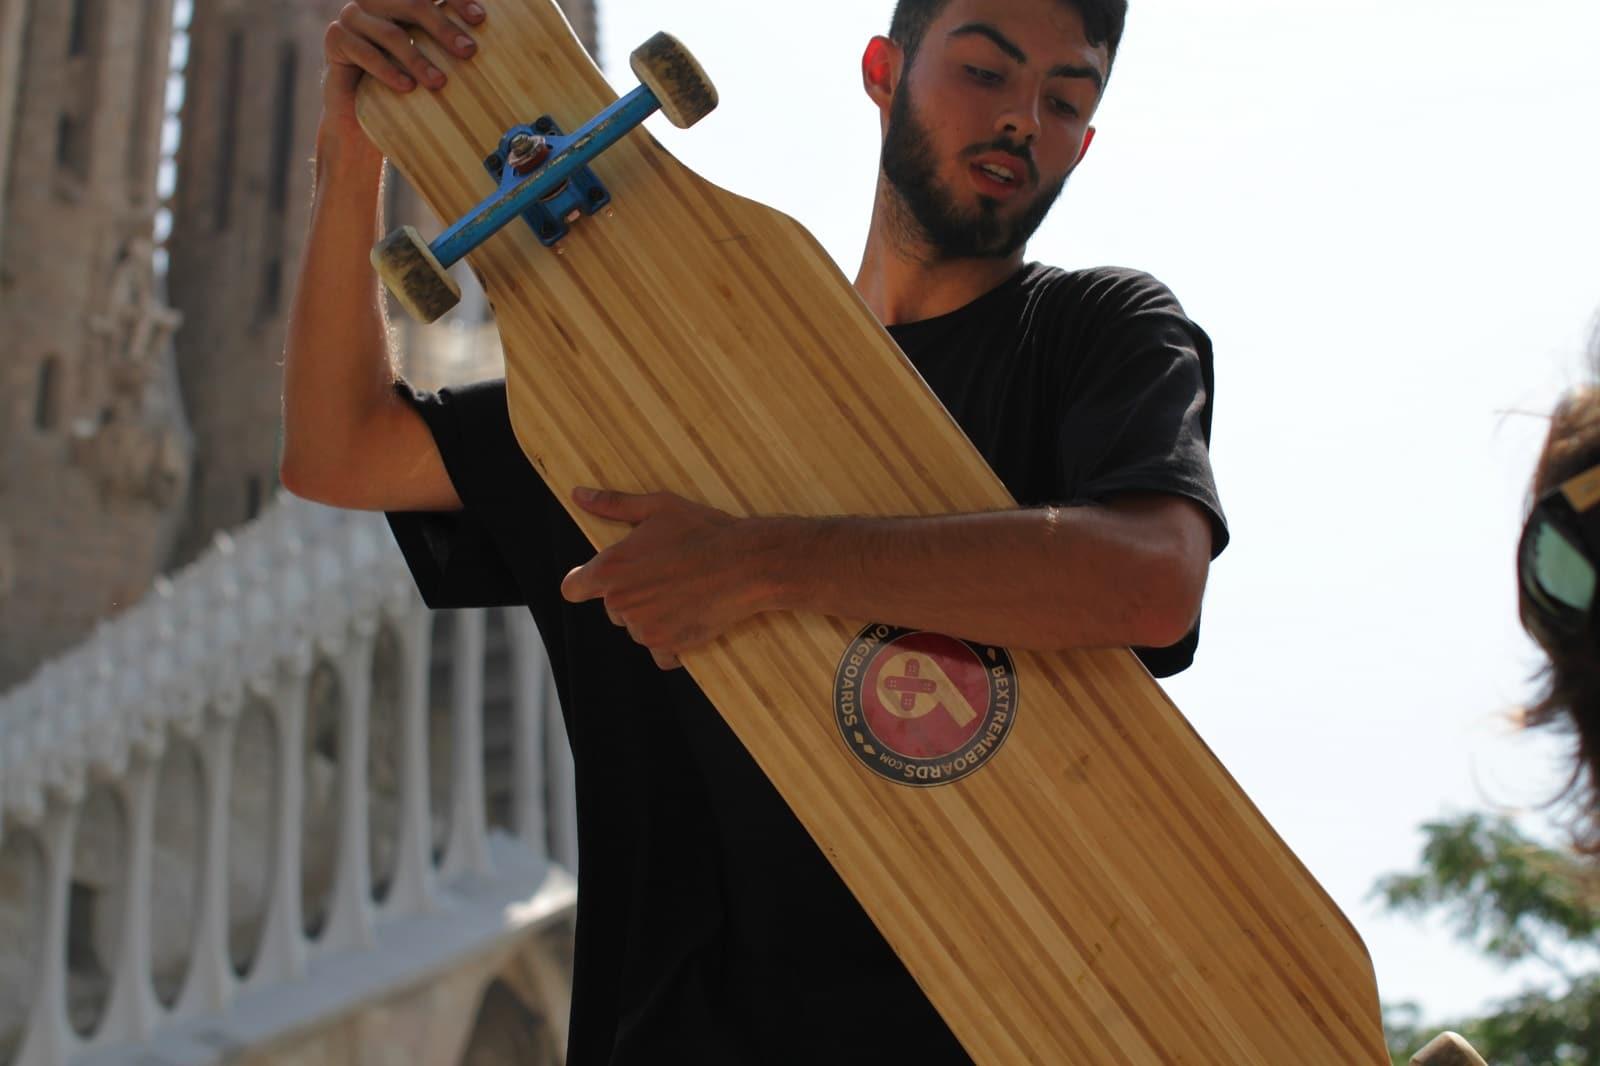 rider longboard Raimon Casellas